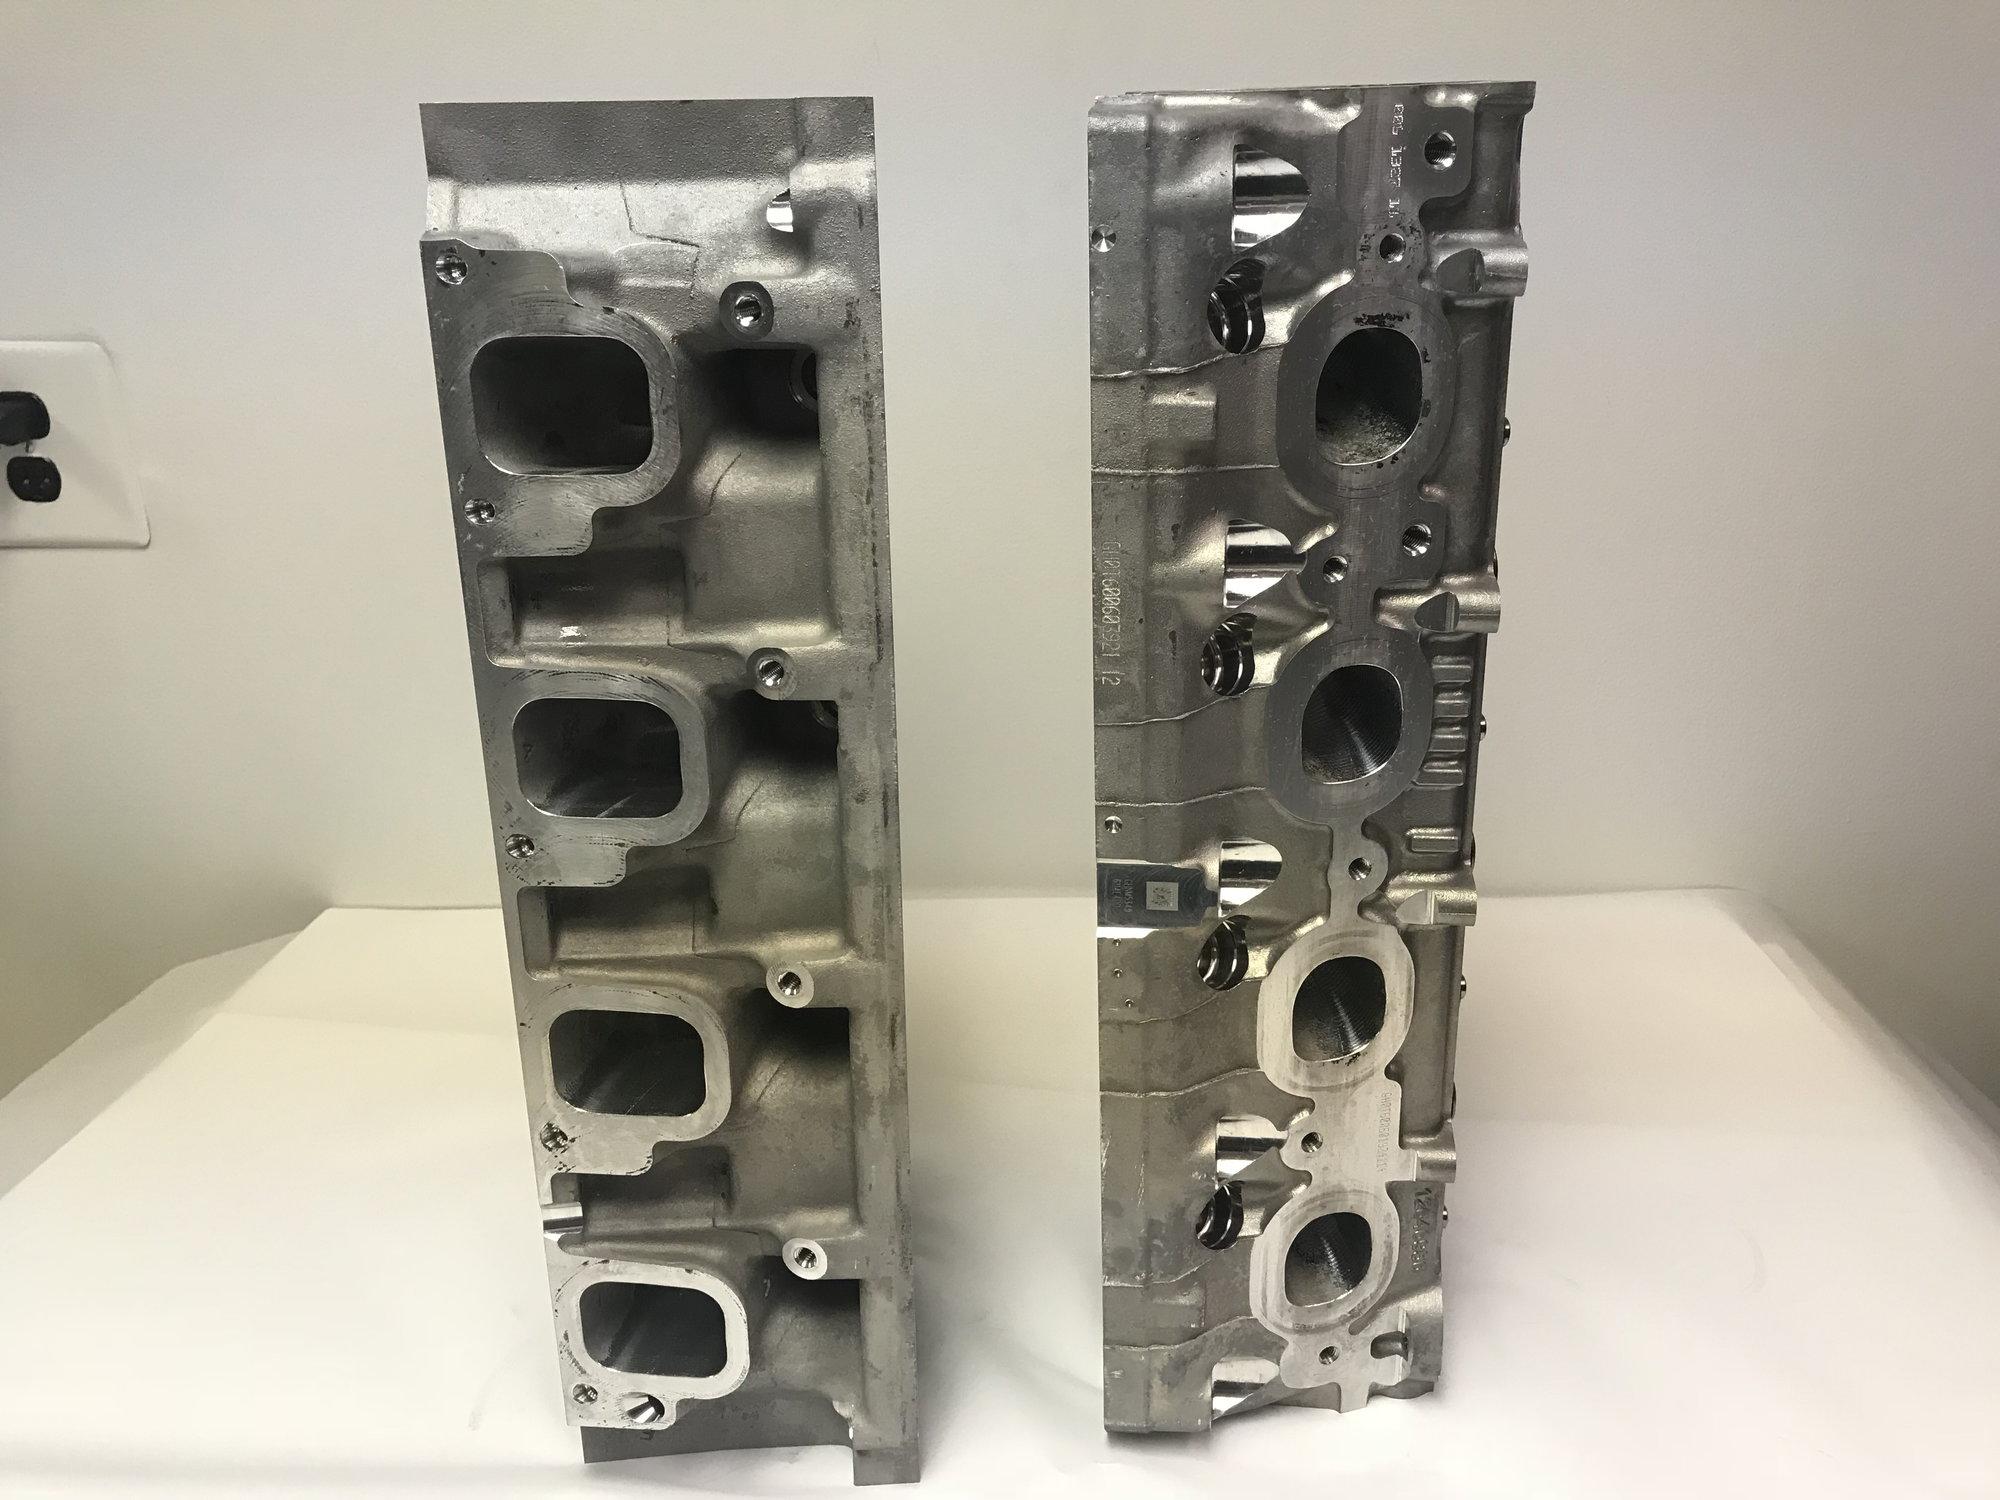 FS (For Sale) Katech CNC ported LT4 heads, complete - CorvetteForum